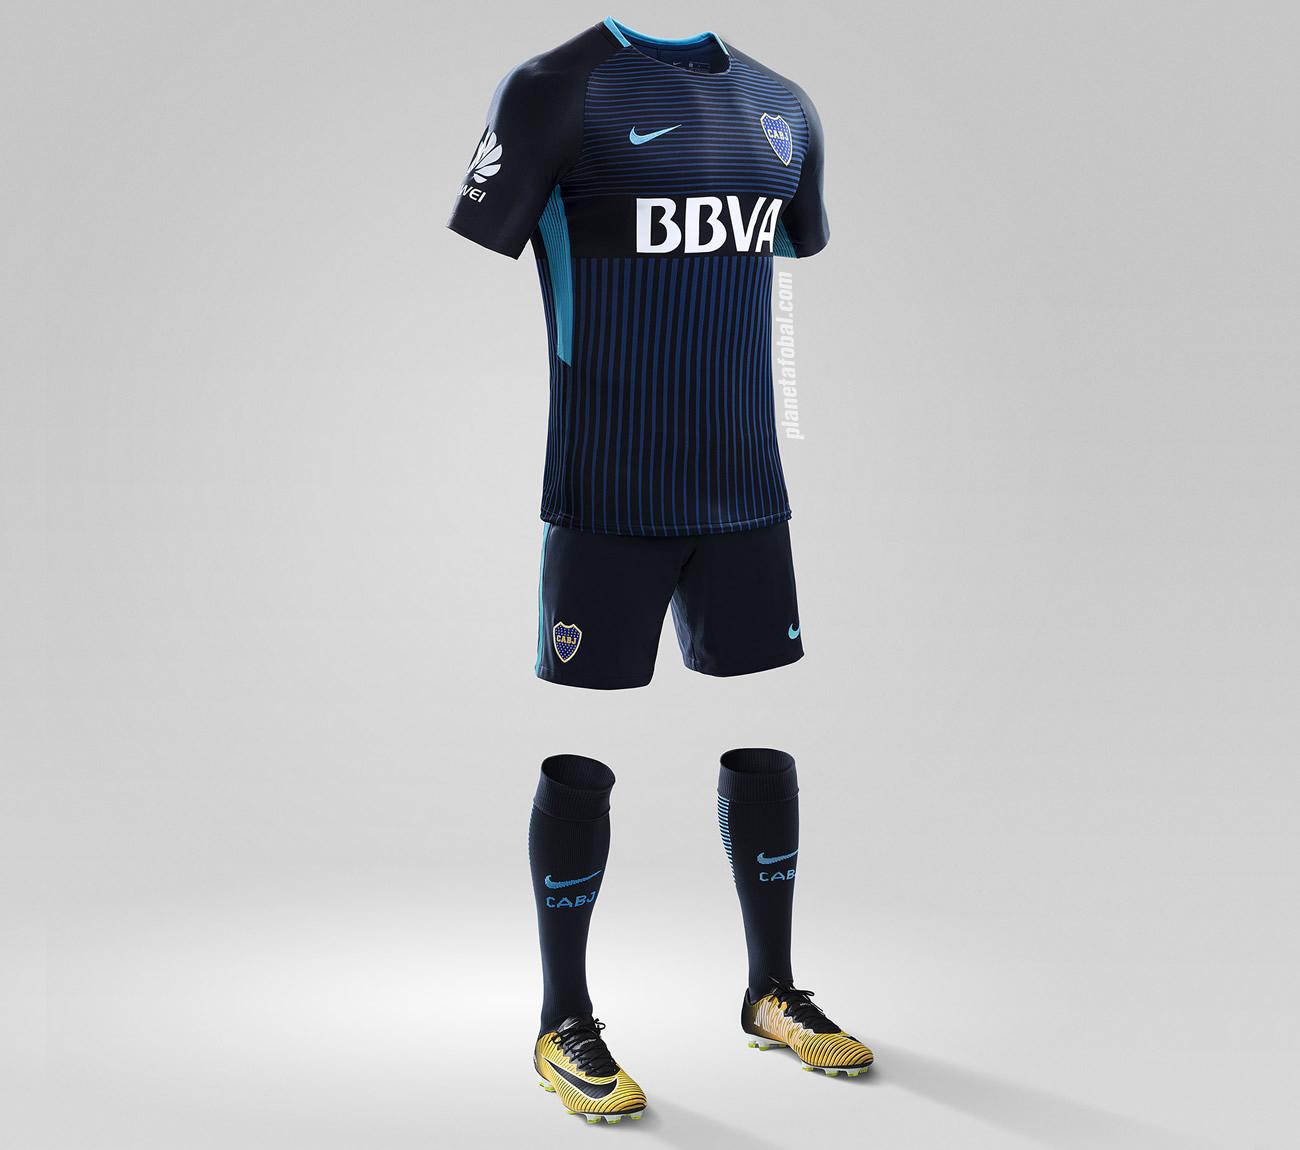 Tercera camiseta Nike de Boca | Imagen Clarin